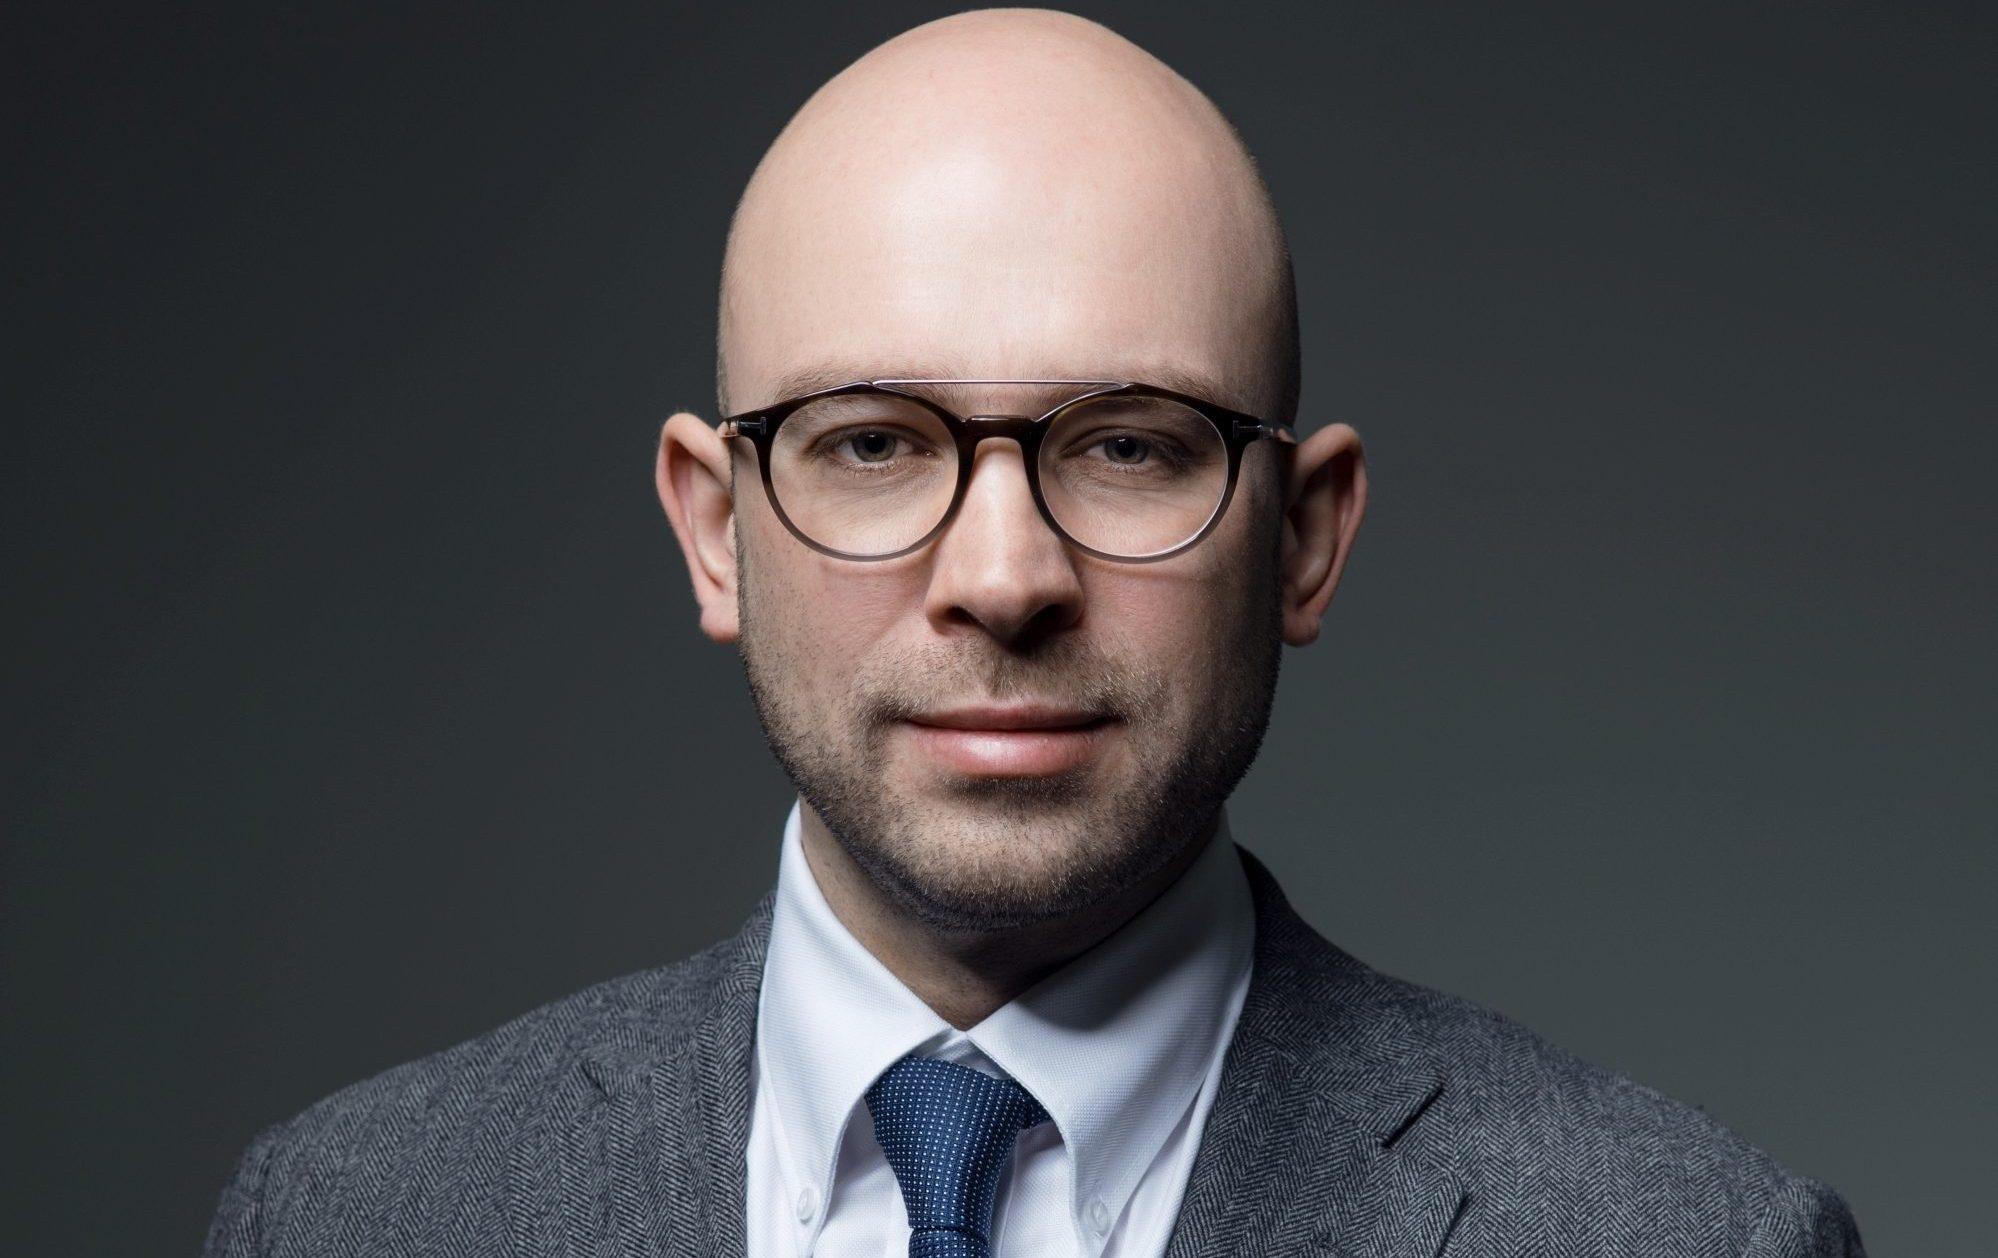 Pan Piotr Kozłowski z Echo Investment weźmie udział w panelu dyskusyjnym podczas Forum Innowacji i Nowych Technologii w Nieruchomościach